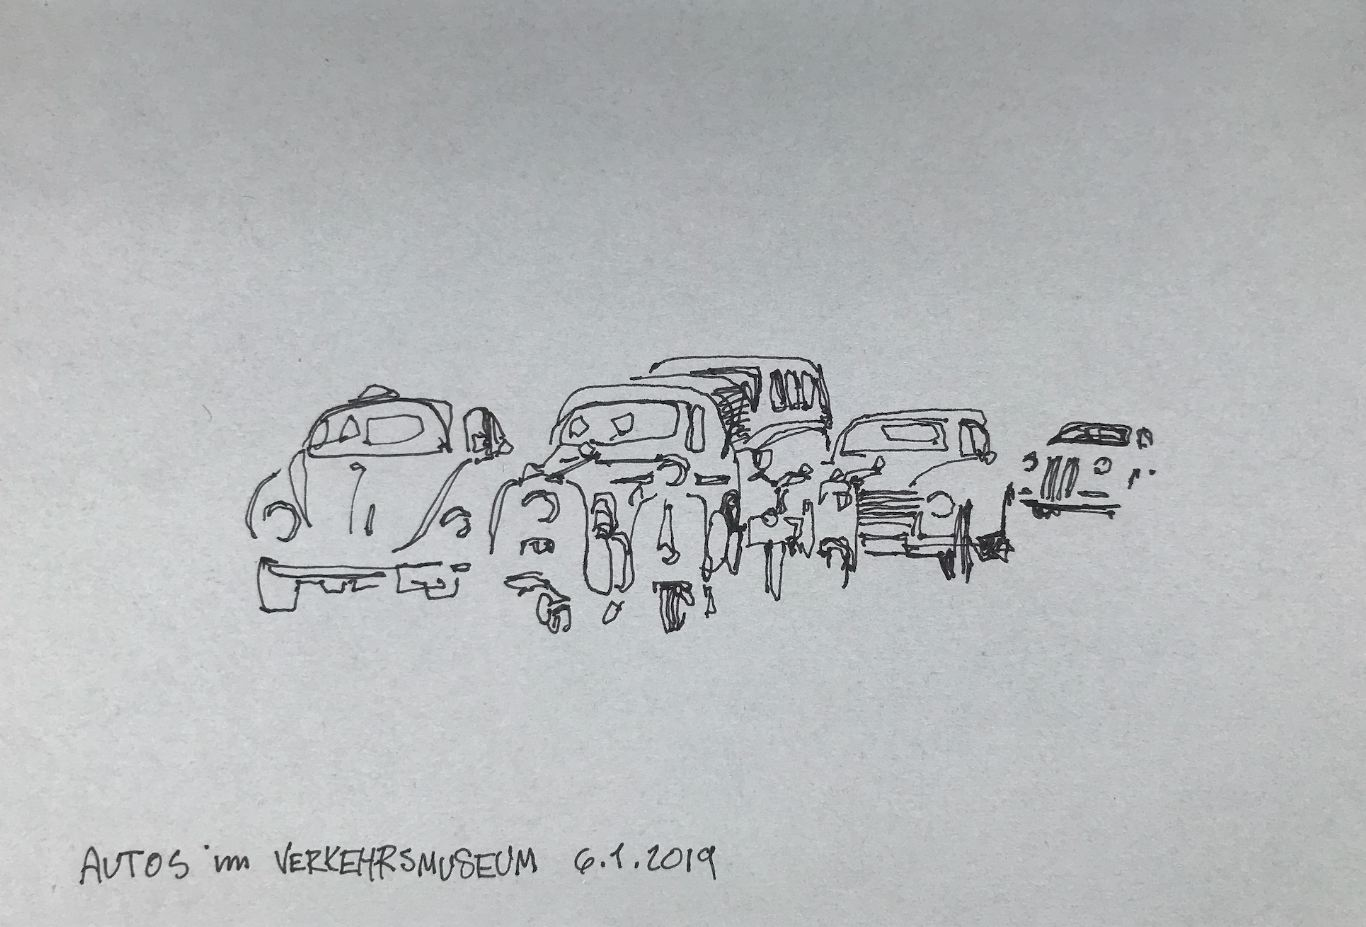 Verkehrsmuseum cars.jpg